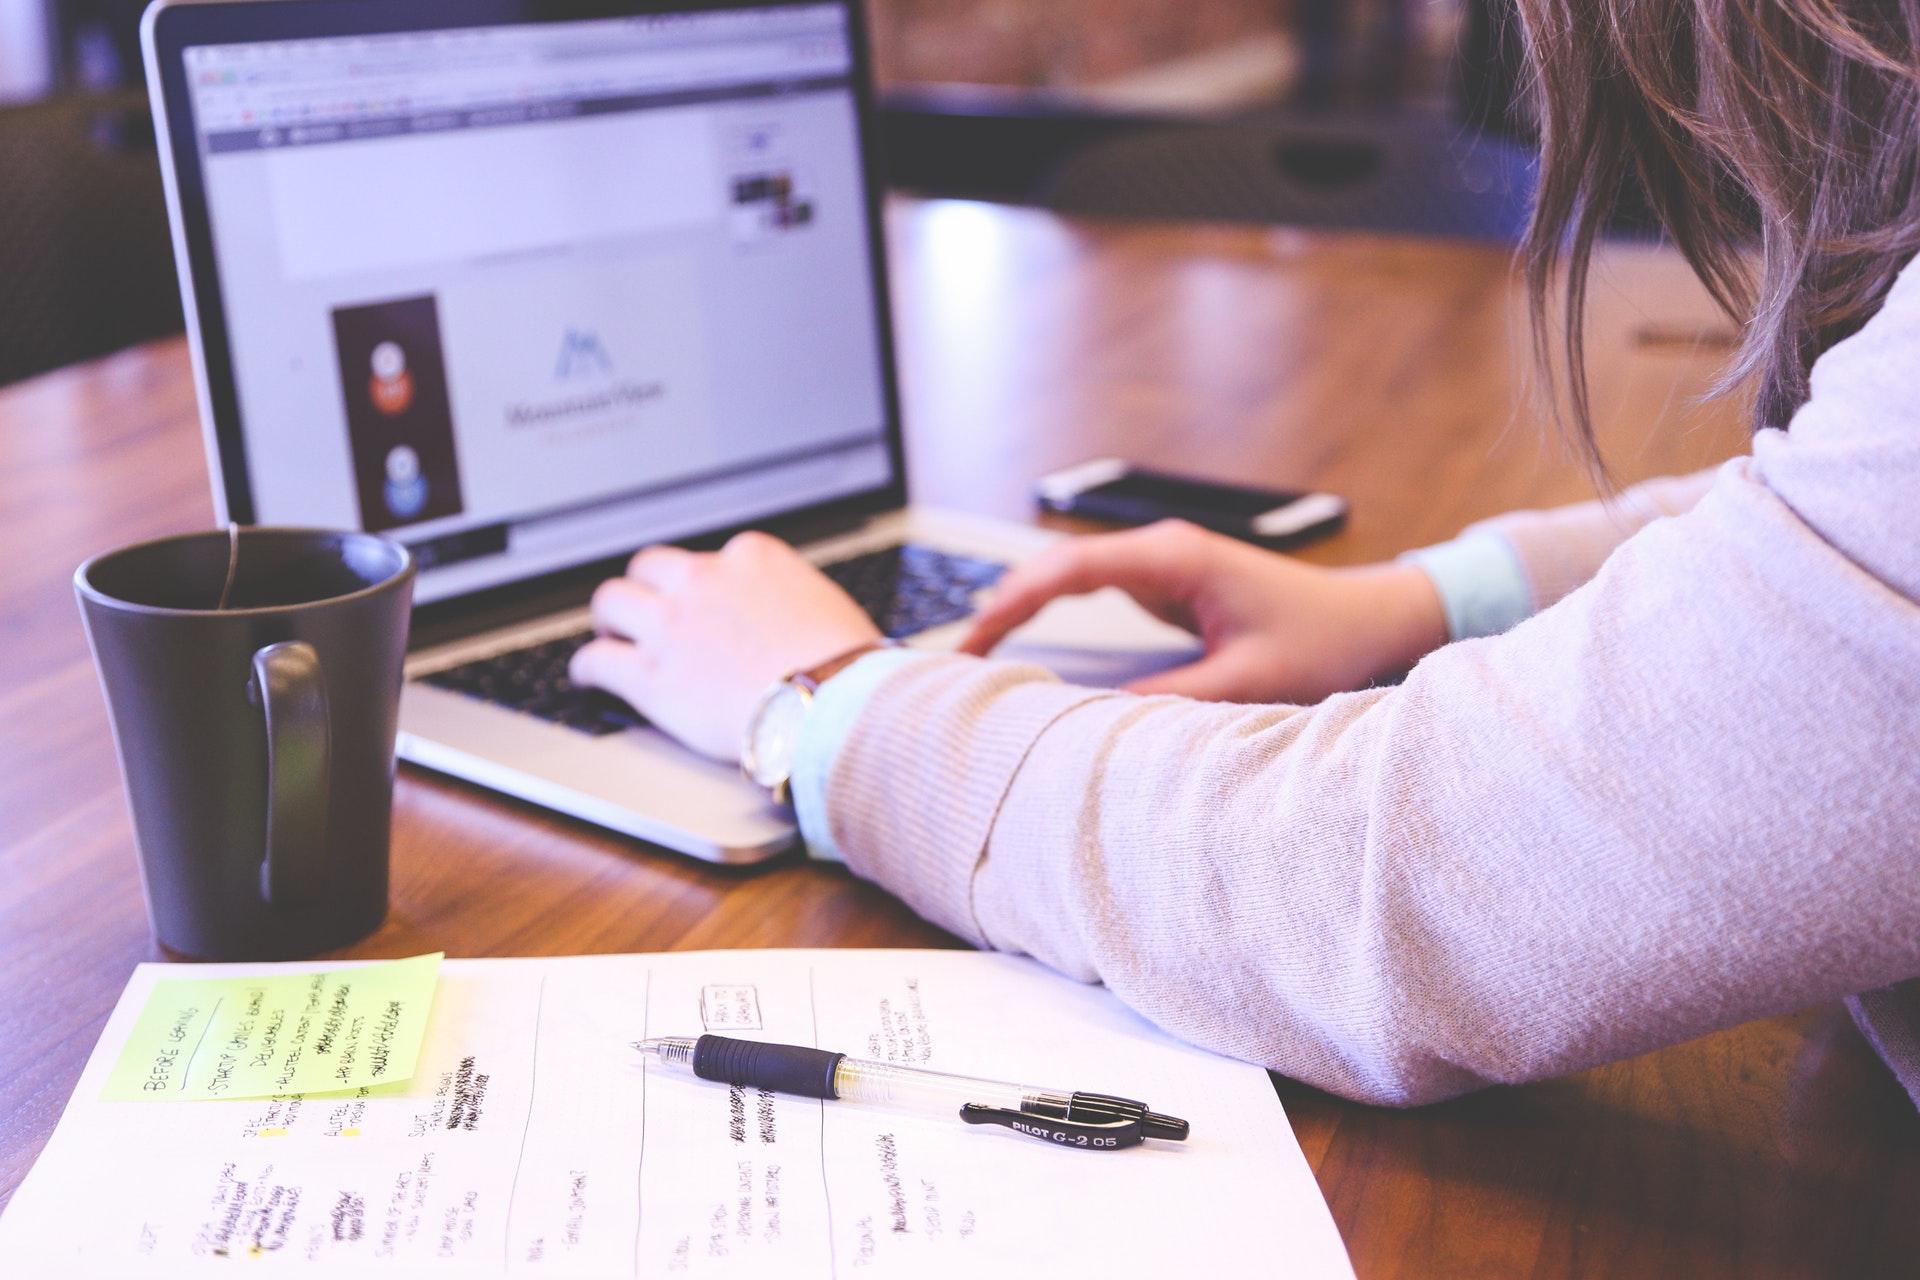 Imagem de uma pessoa mexendo em um computador. Imagem ilustrativa texto franquias boas e baratas 2022.